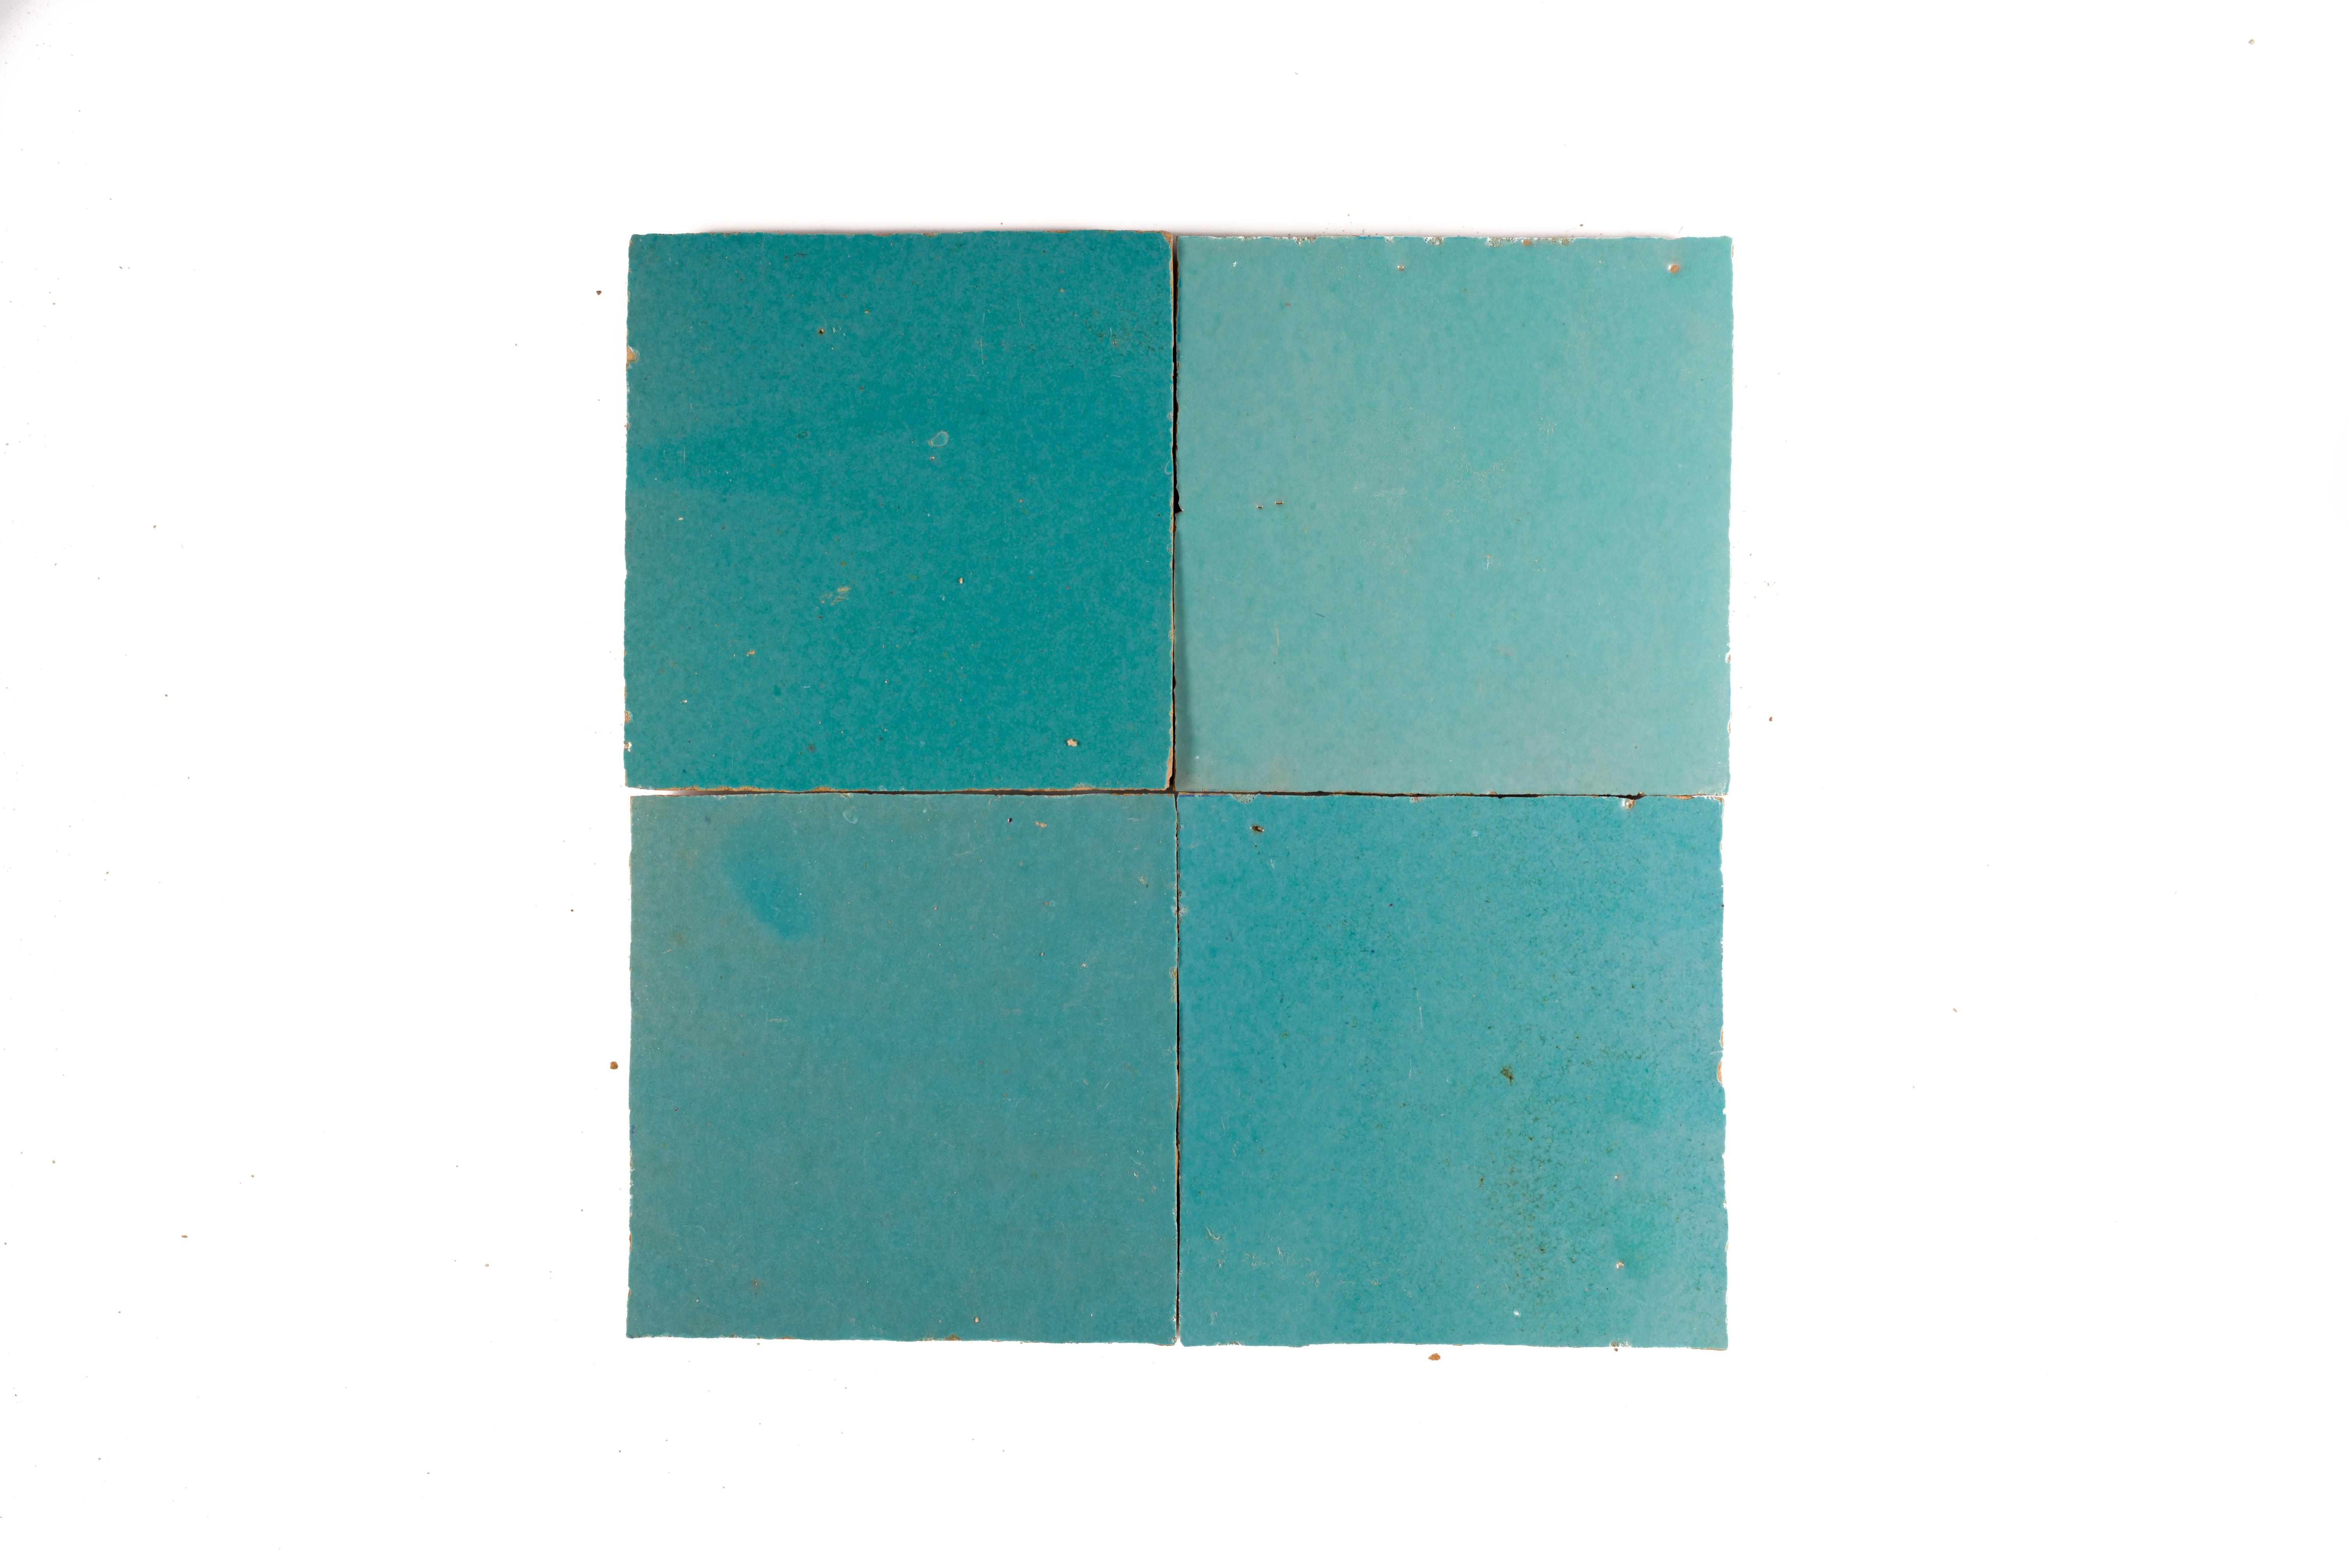 Marokkaanse Tegels Outlet : Zr al hoceima mint green mozaiekjes diverse soorten tegels